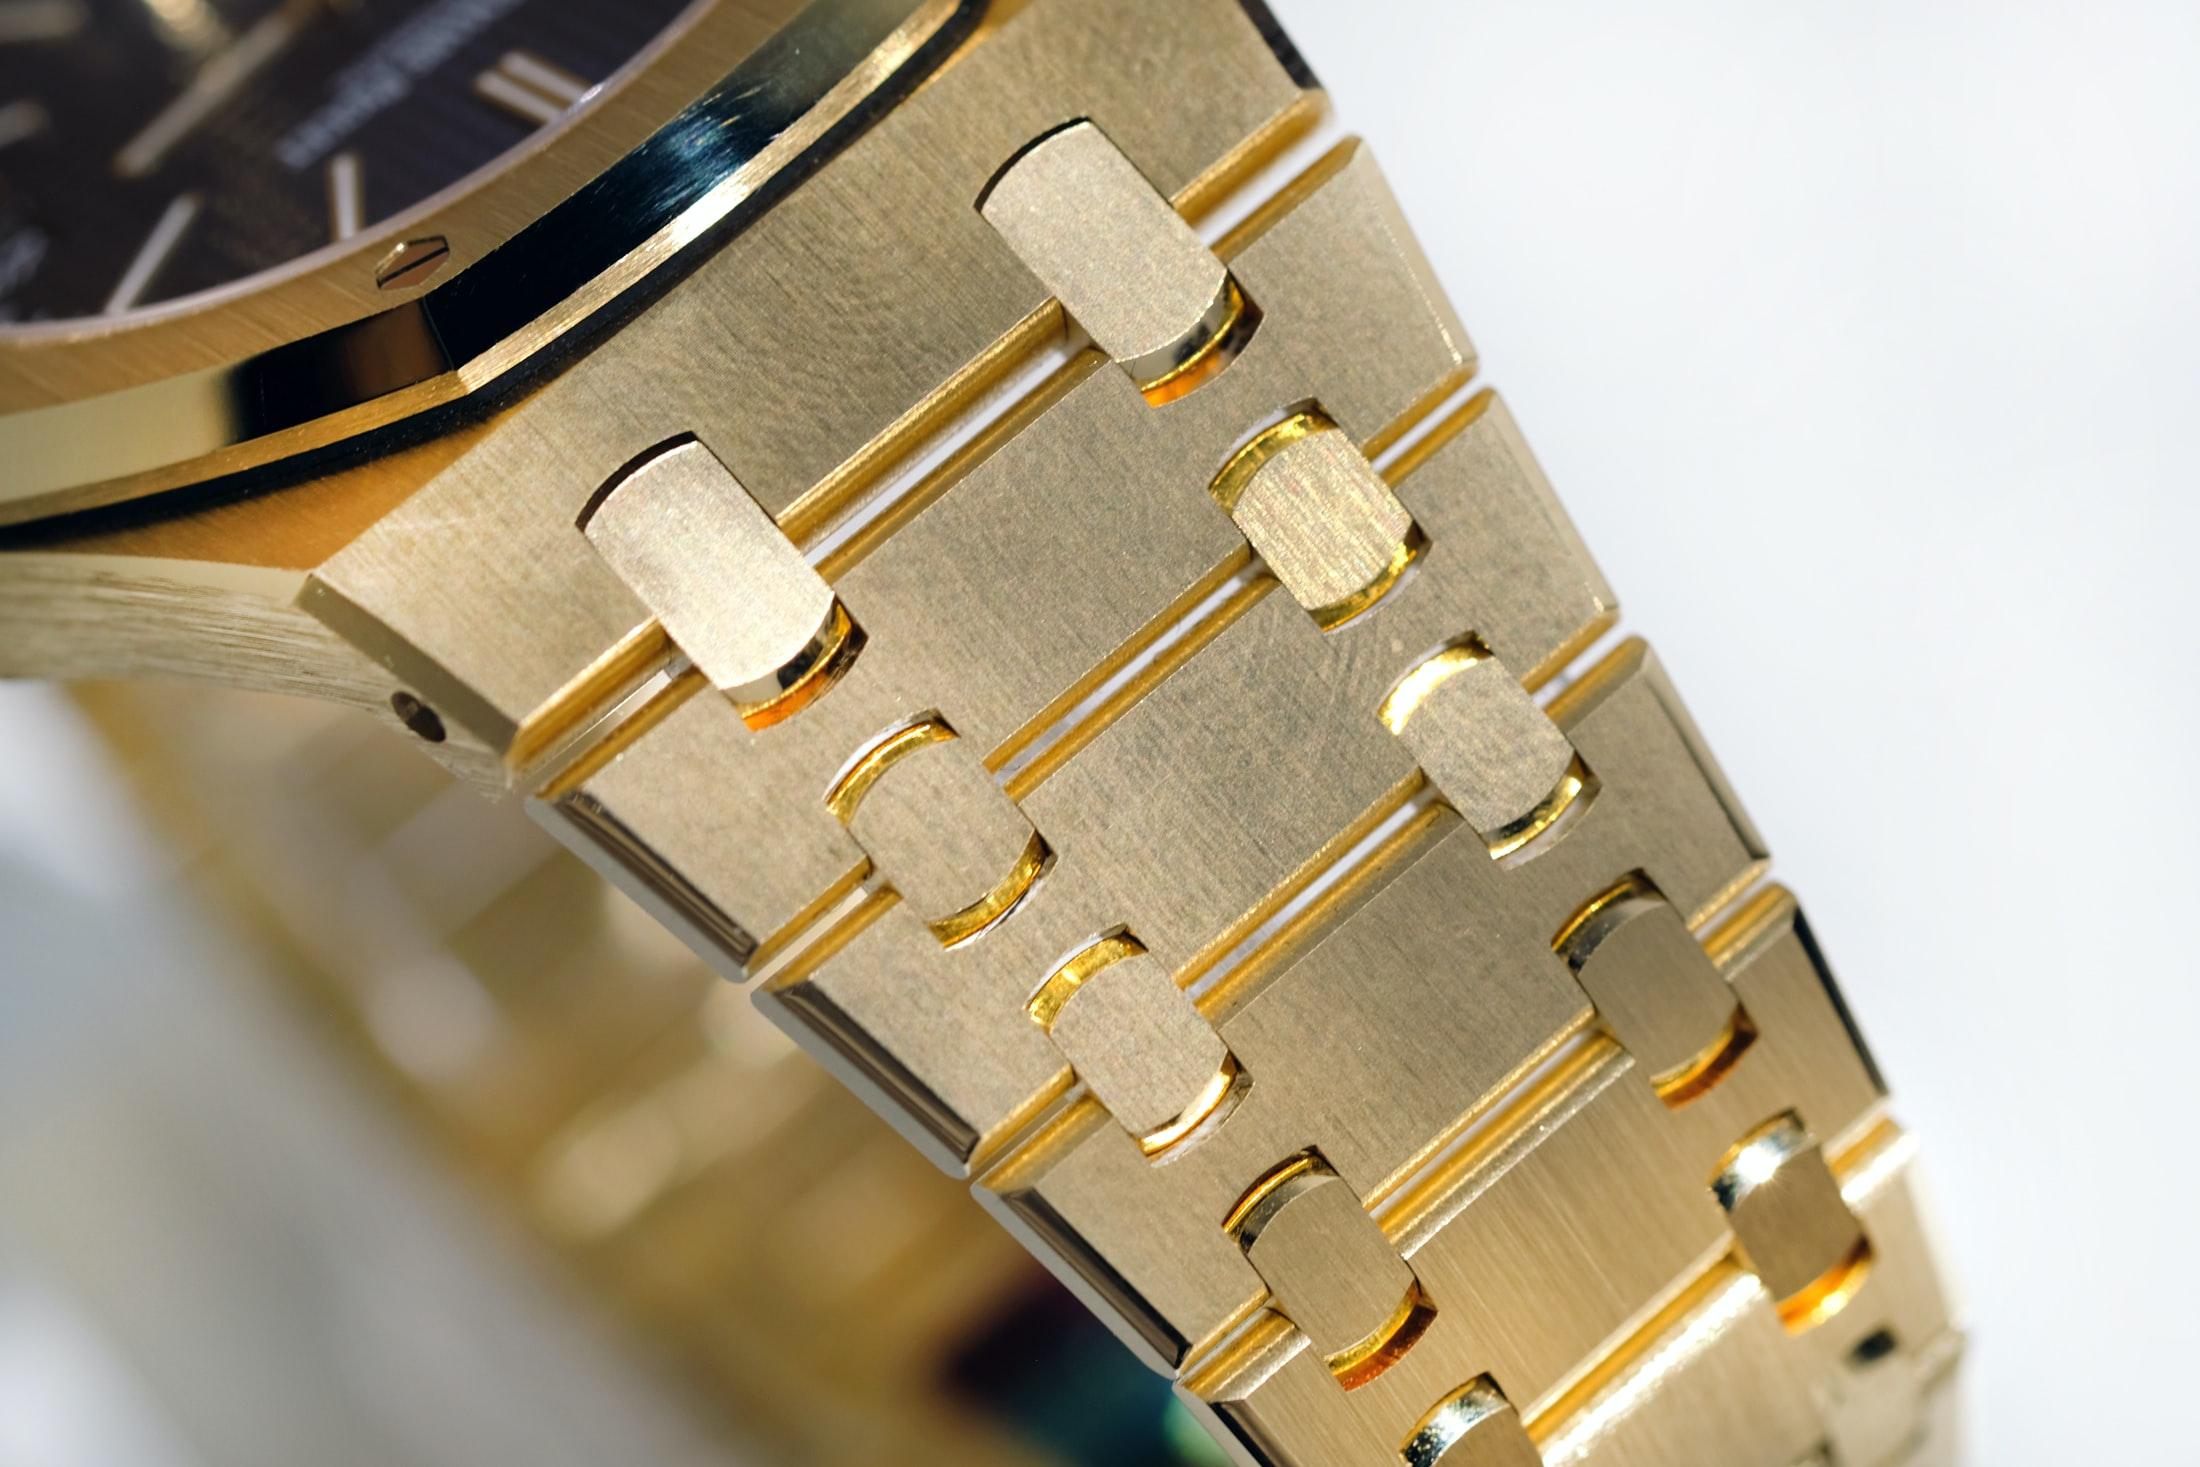 royal oak audemars piguet yellow gold bracelet Hands-On: The Audemars Piguet Extra-Thin 'Jumbo' Royal Oak Reference 15202 In Yellow Gold Hands-On: The Audemars Piguet Extra-Thin 'Jumbo' Royal Oak Reference 15202 In Yellow Gold jumbo 02